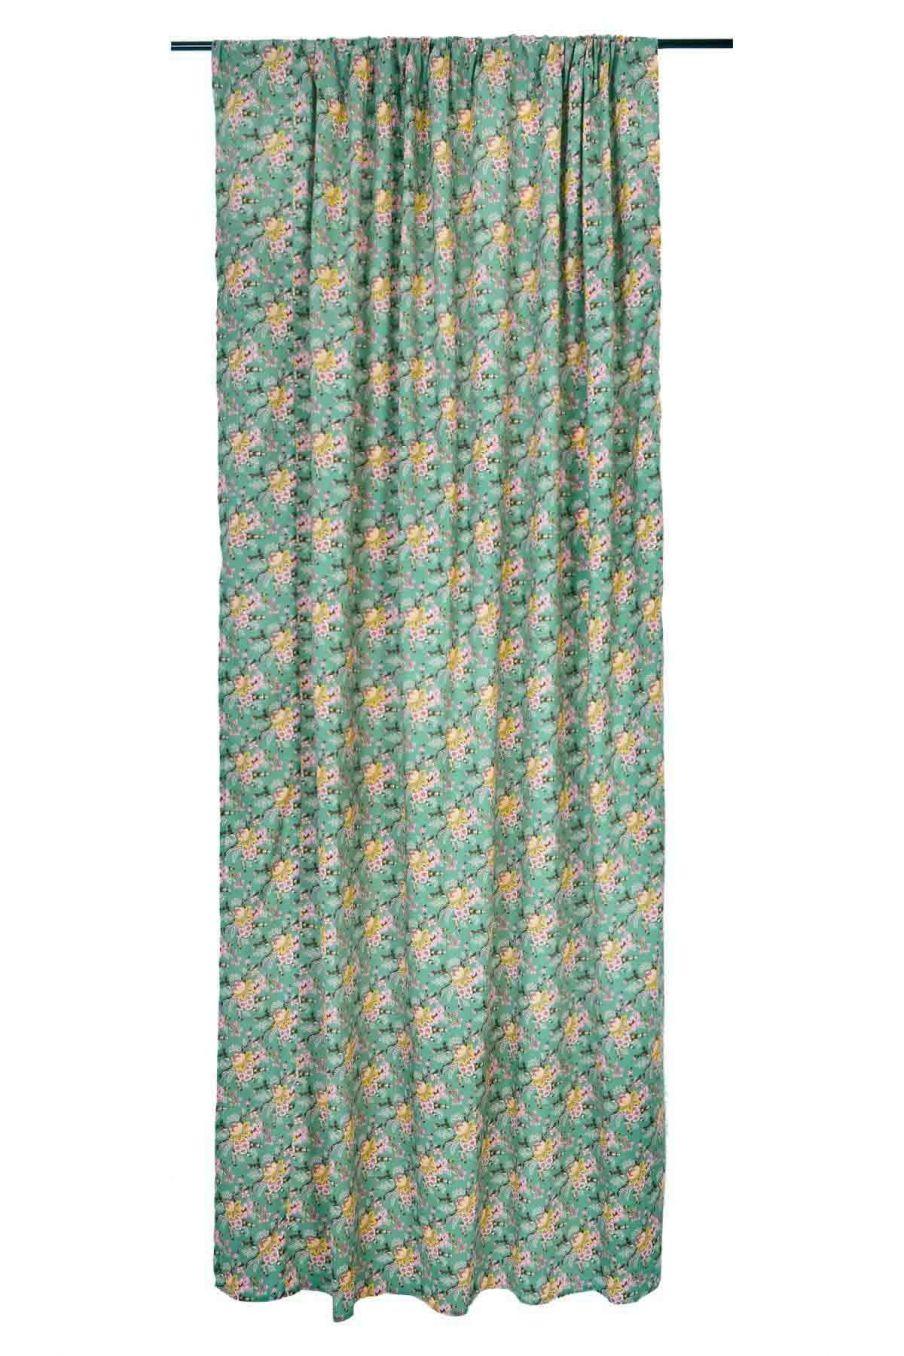 rideau maison colette blue french flowers - louise misha